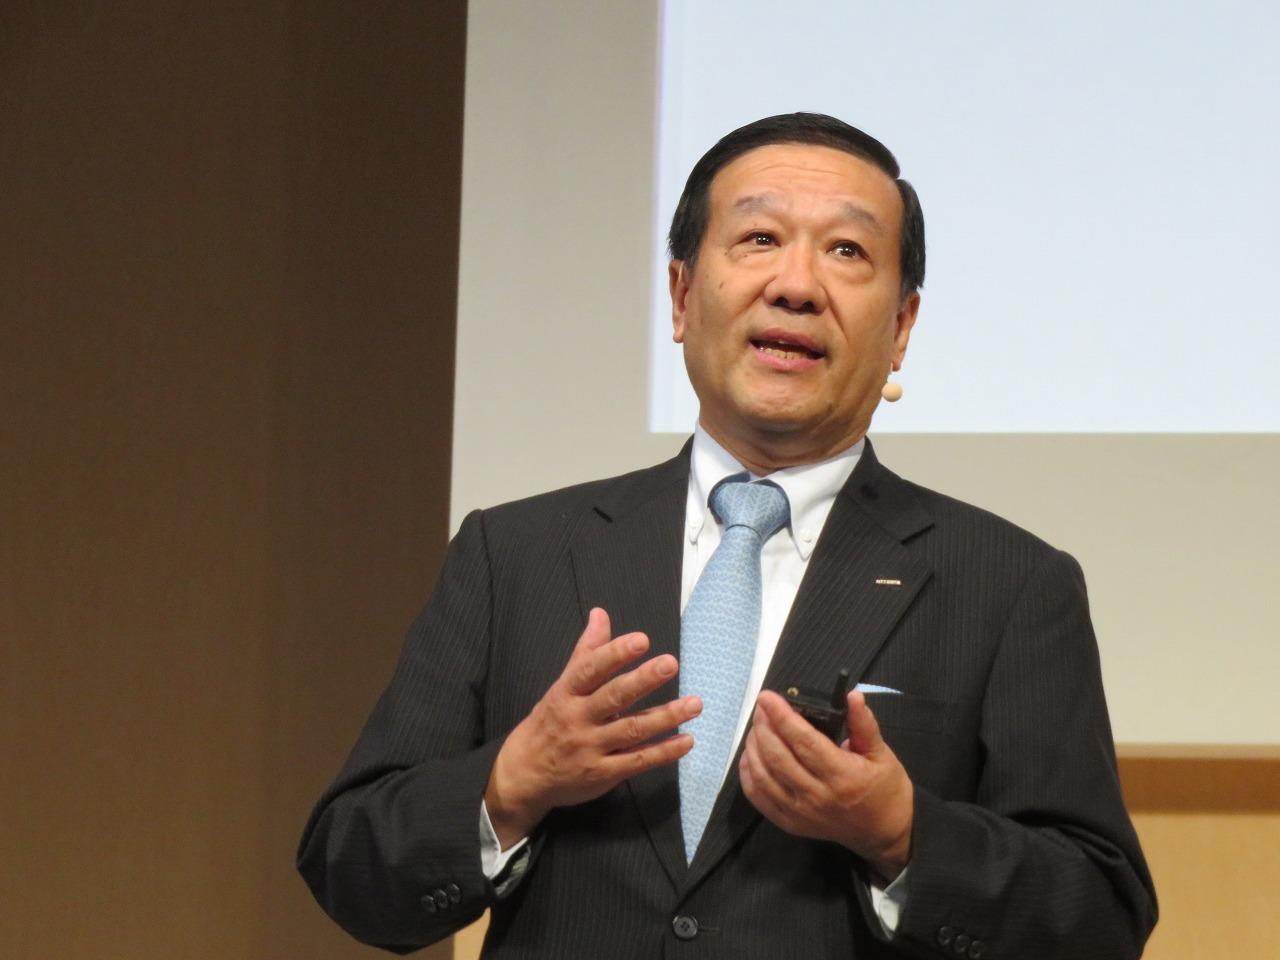 中小企業のクラウド活用を促進する日本商工会議所の思惑